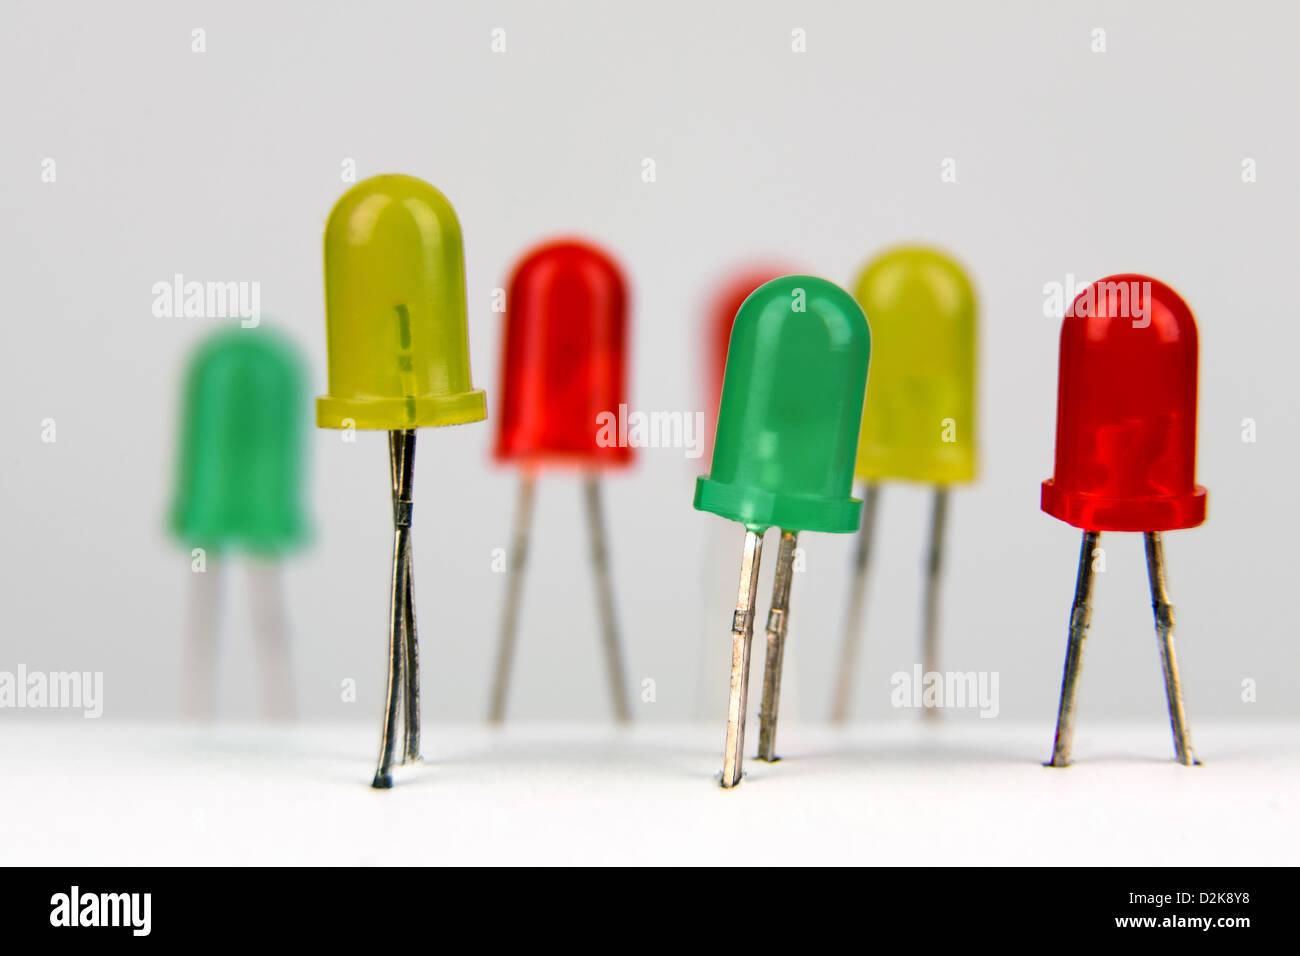 LED bulbs - Stock Image